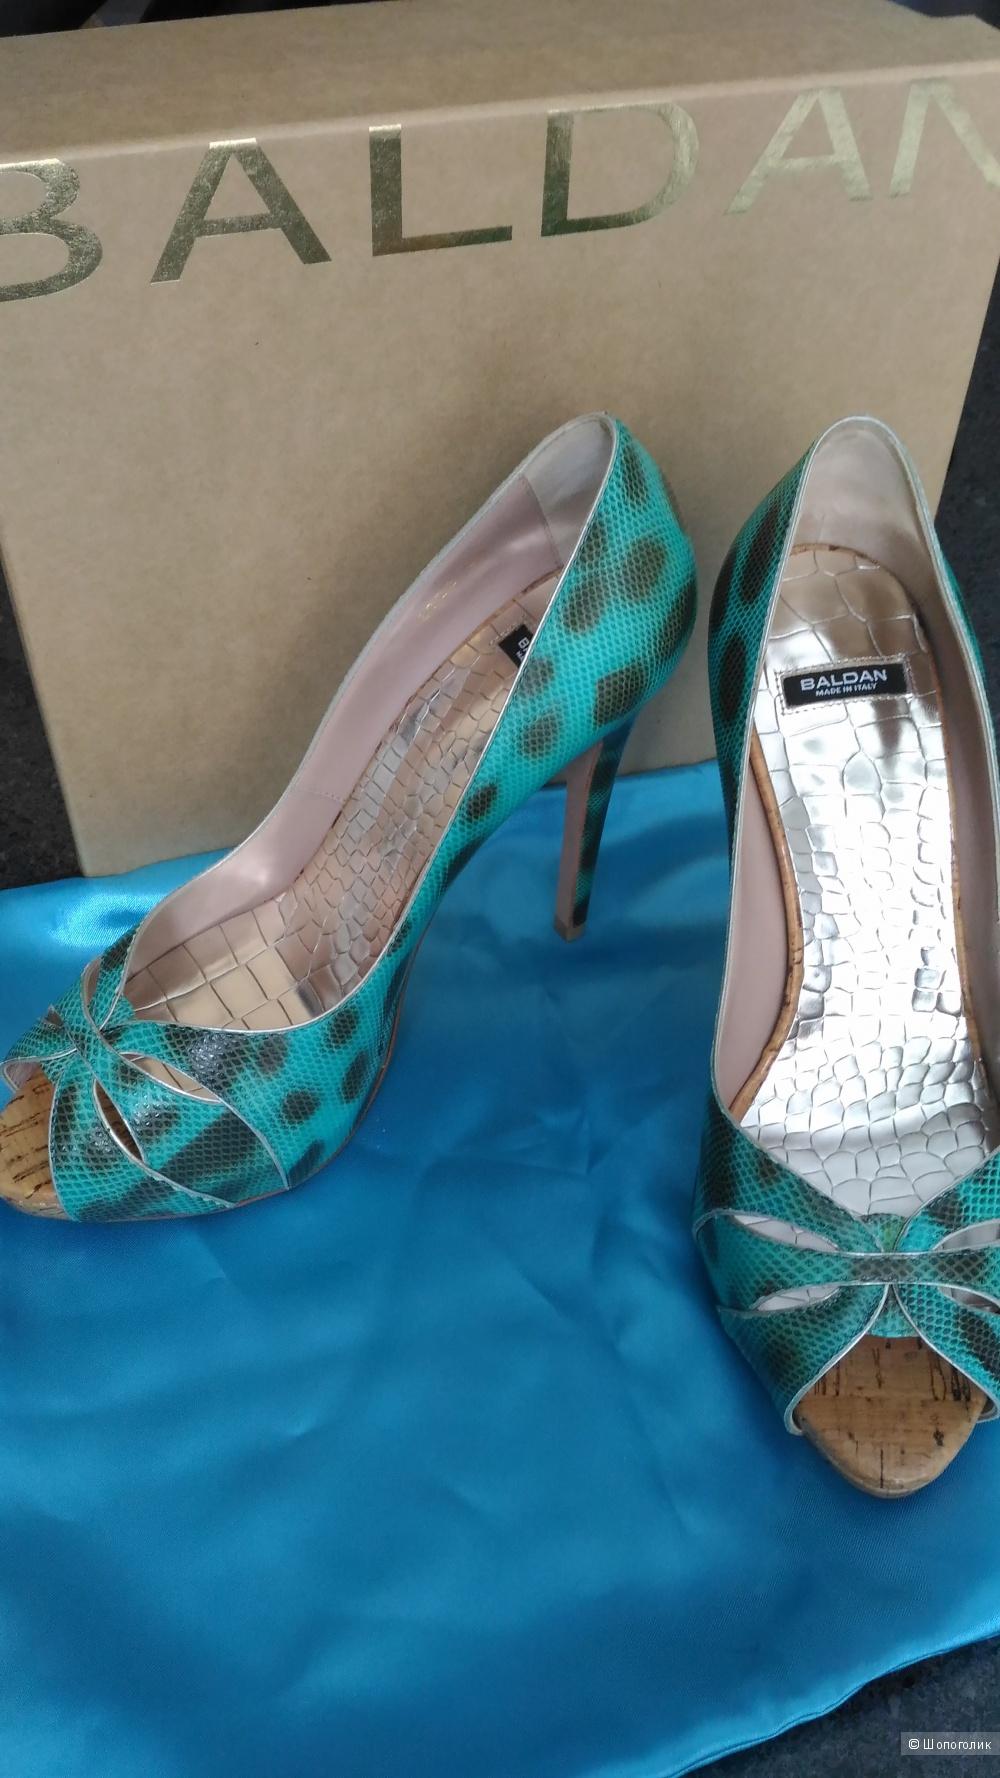 Baldan новые туфли